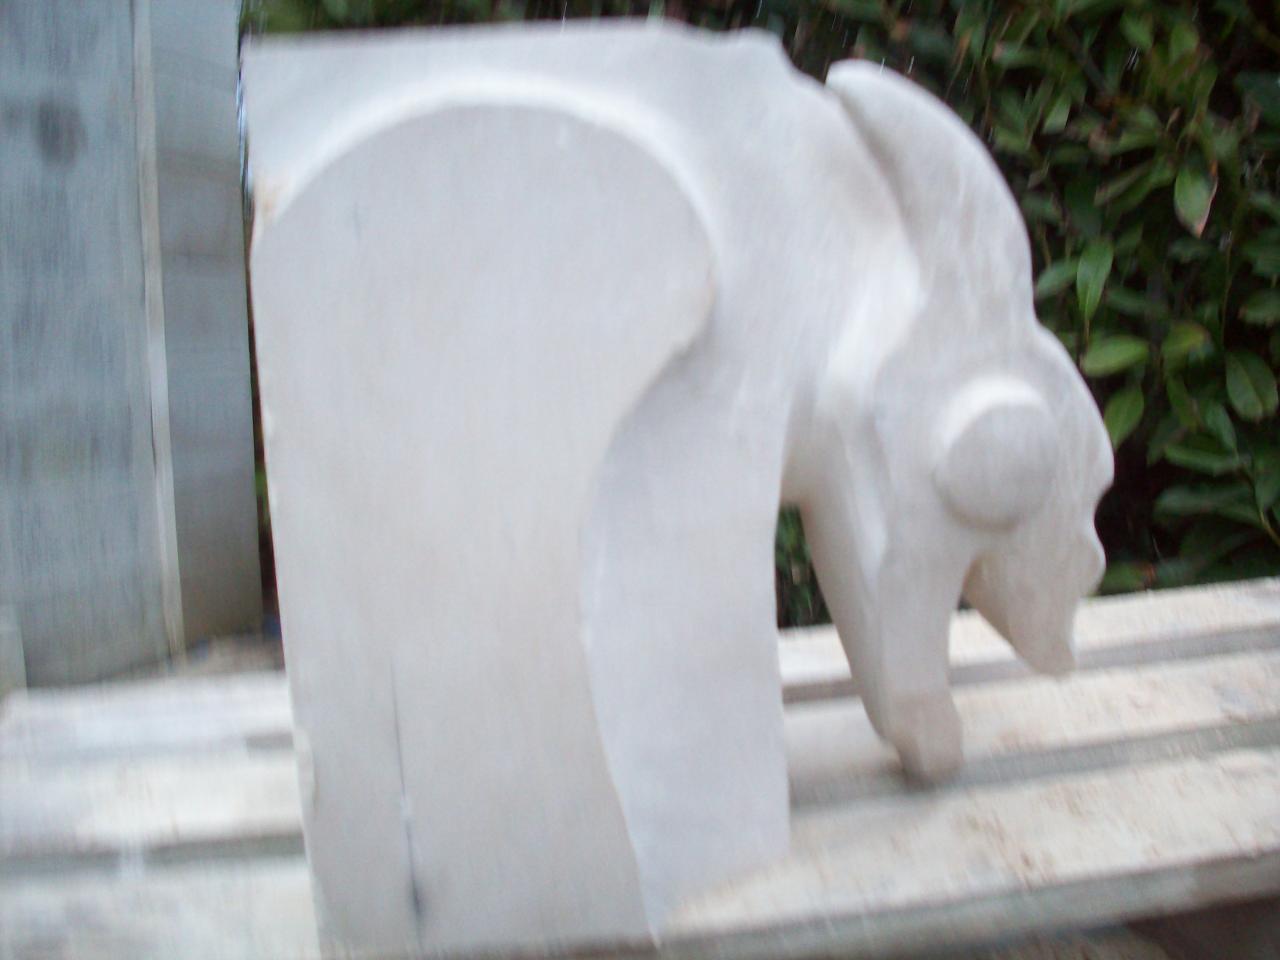 Avancement de la sculpture